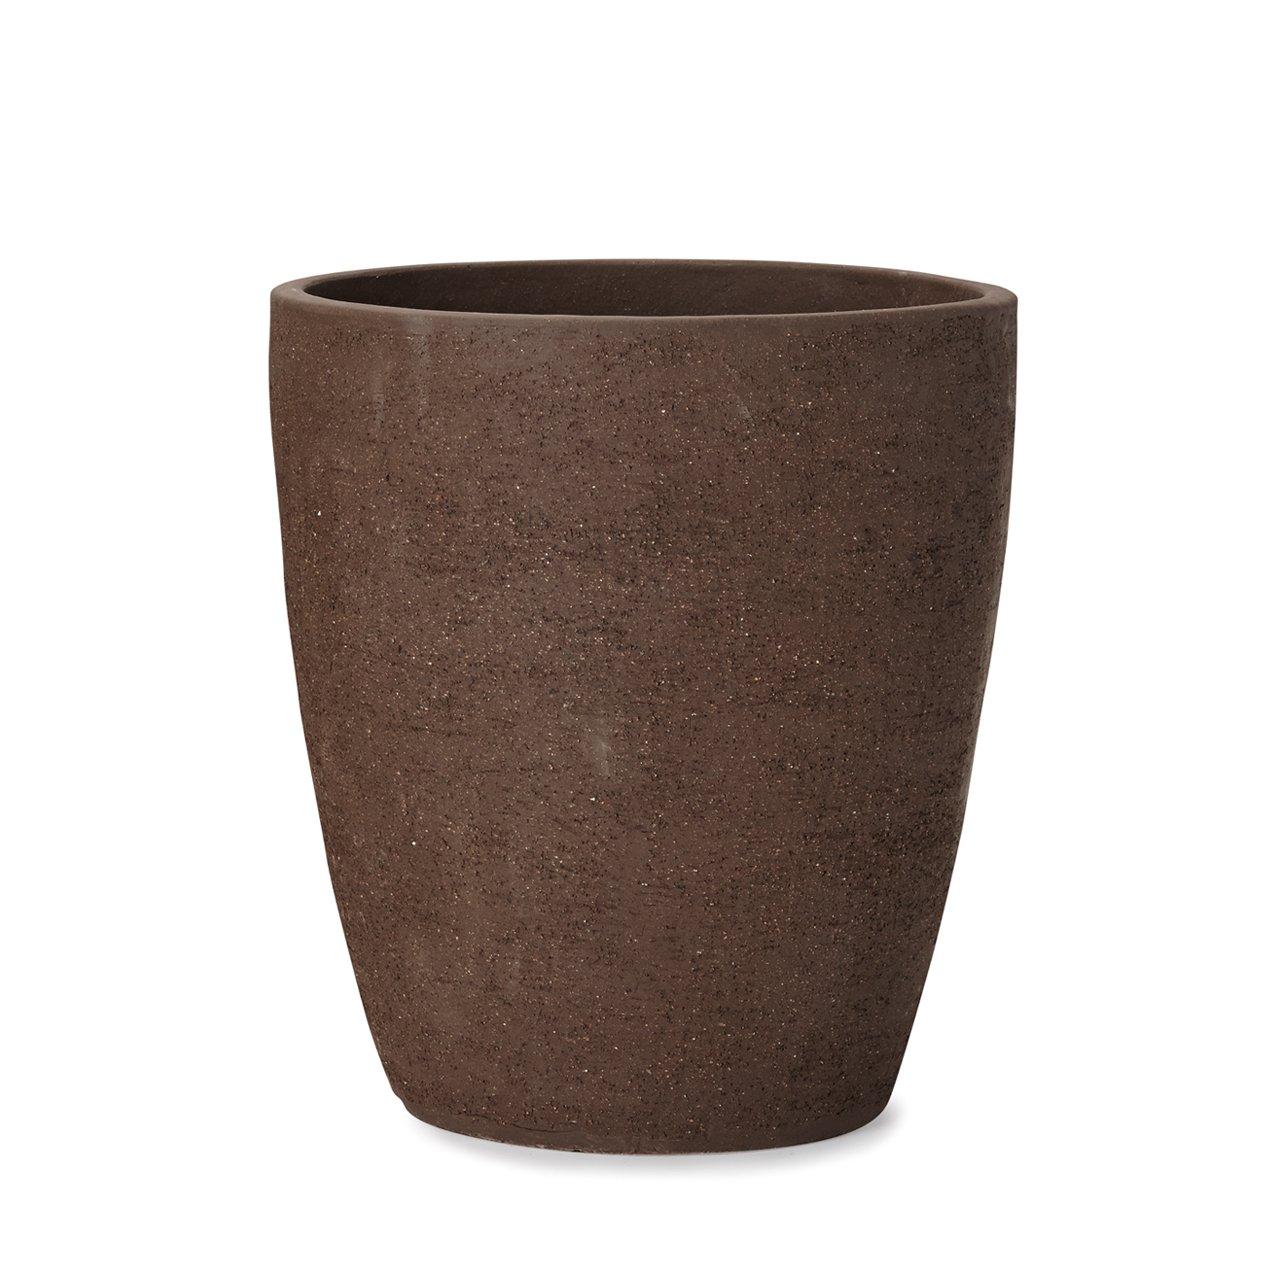 植木鉢 小型中型大型 トリニダード 972 L 12号 黒土 B07BQNZBYQ  黒土 L 12号